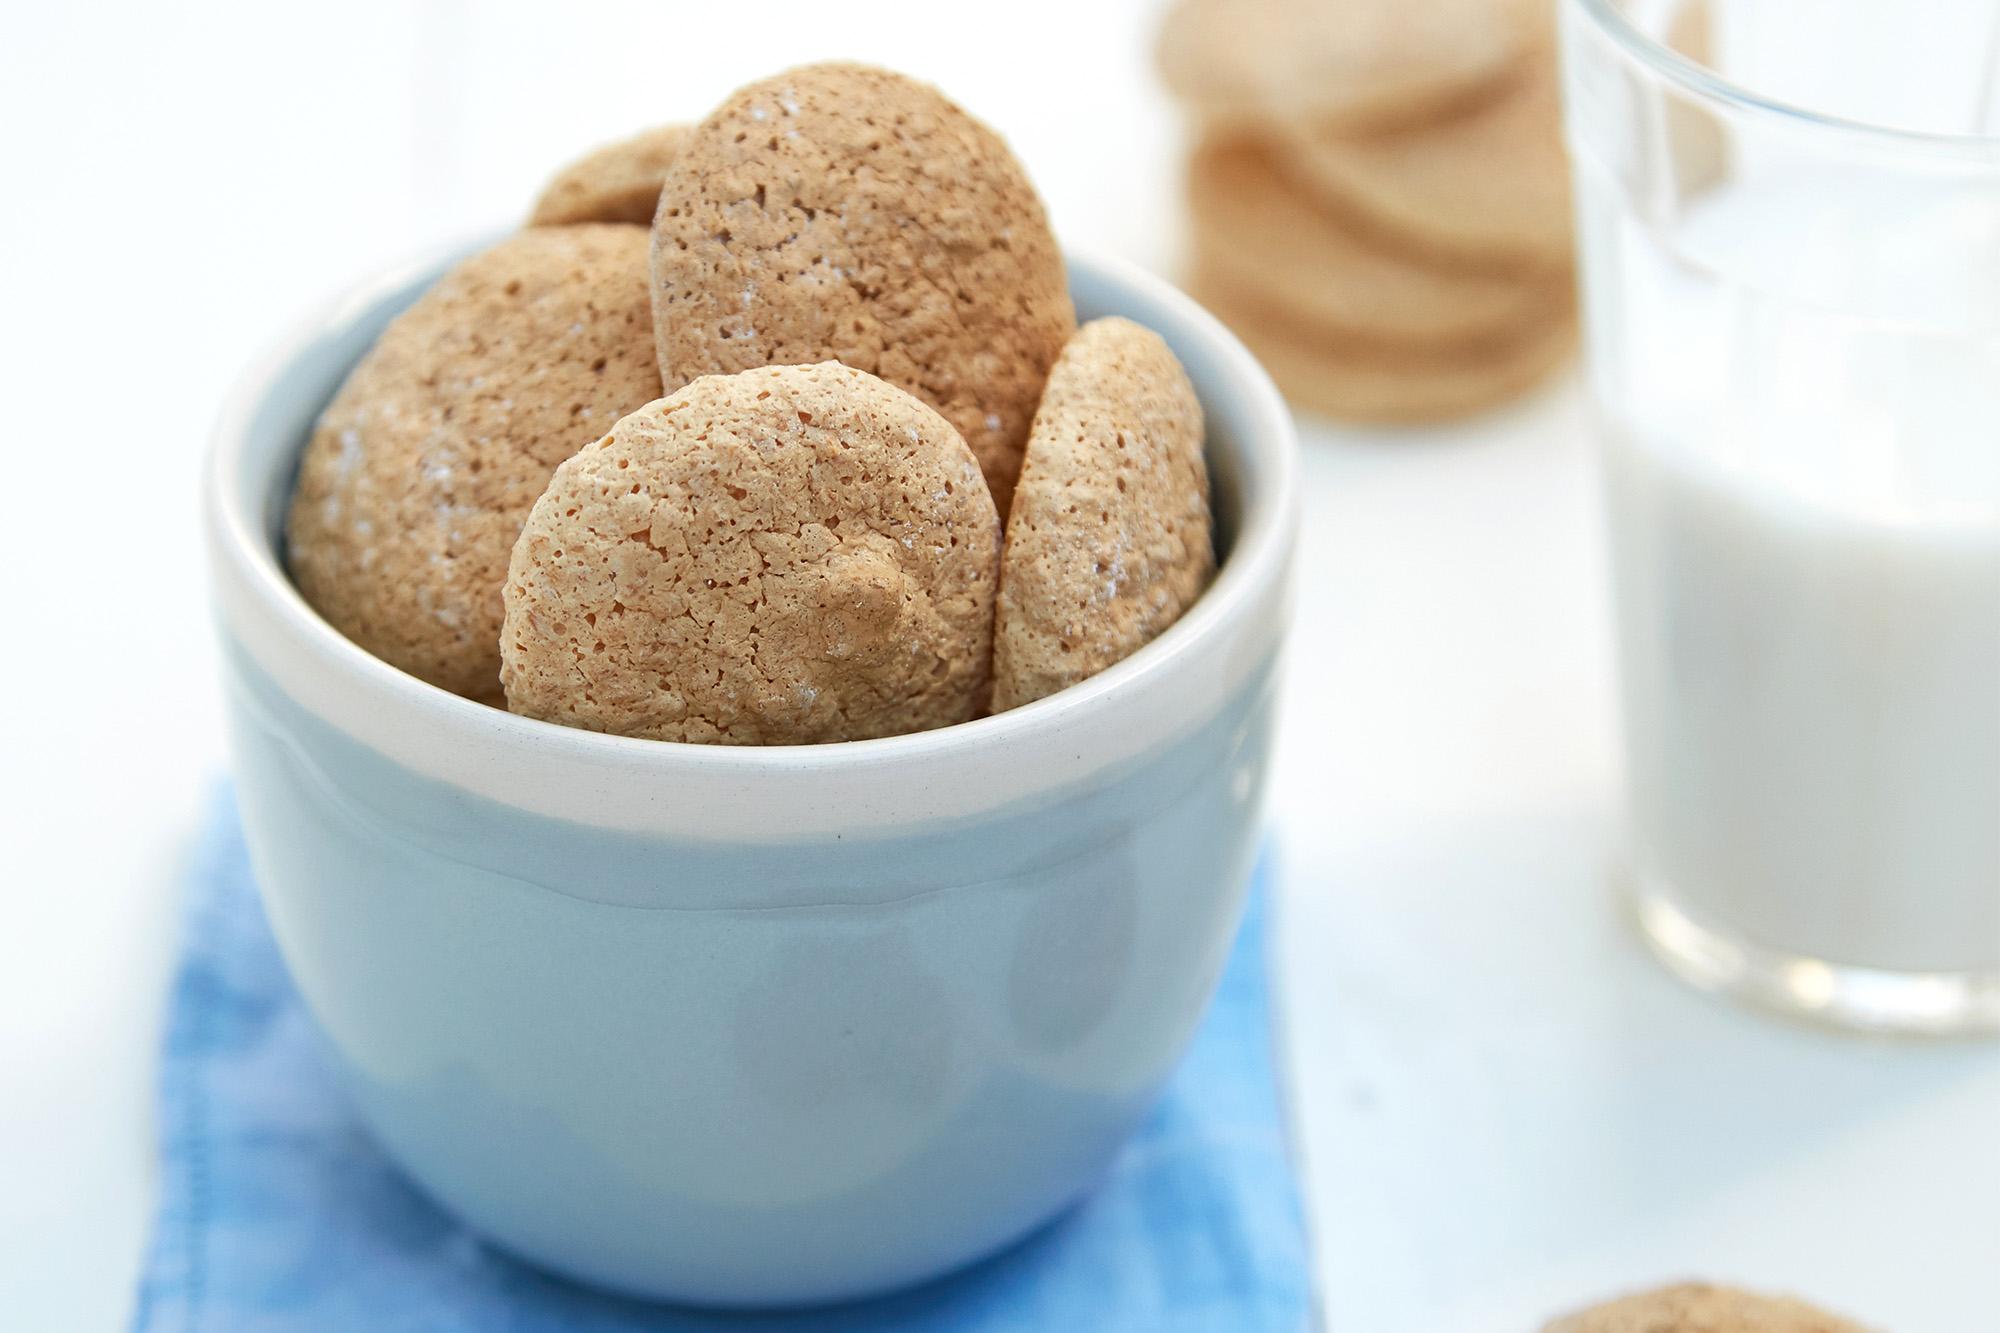 Bocaditos de coco